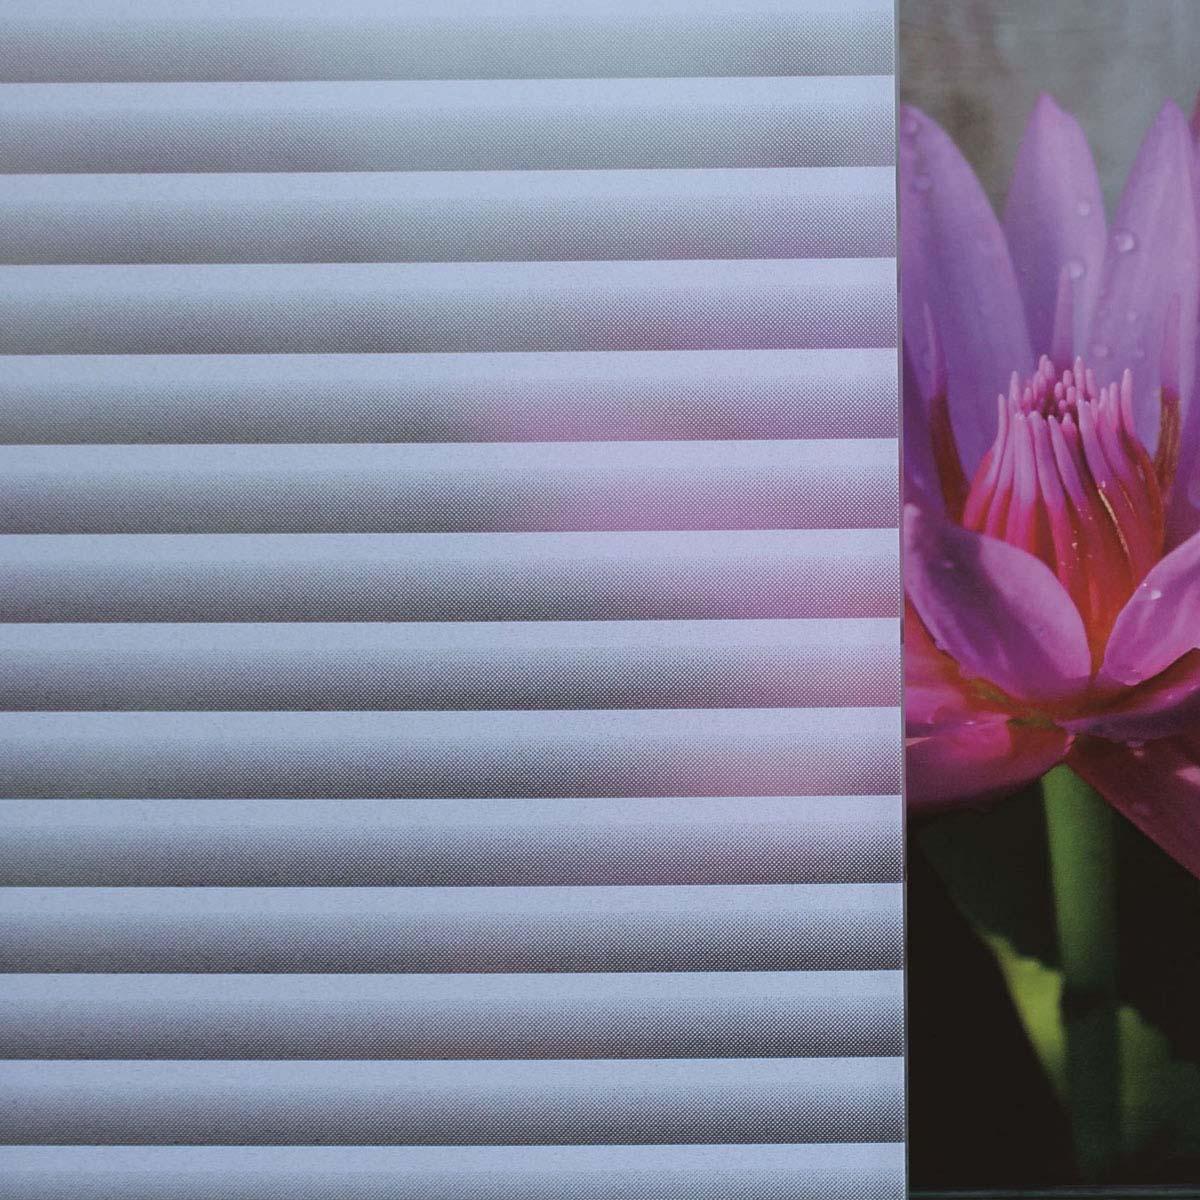 Fenster Deko Folie Elegant Bir s With Fenster Deko Folie Auf